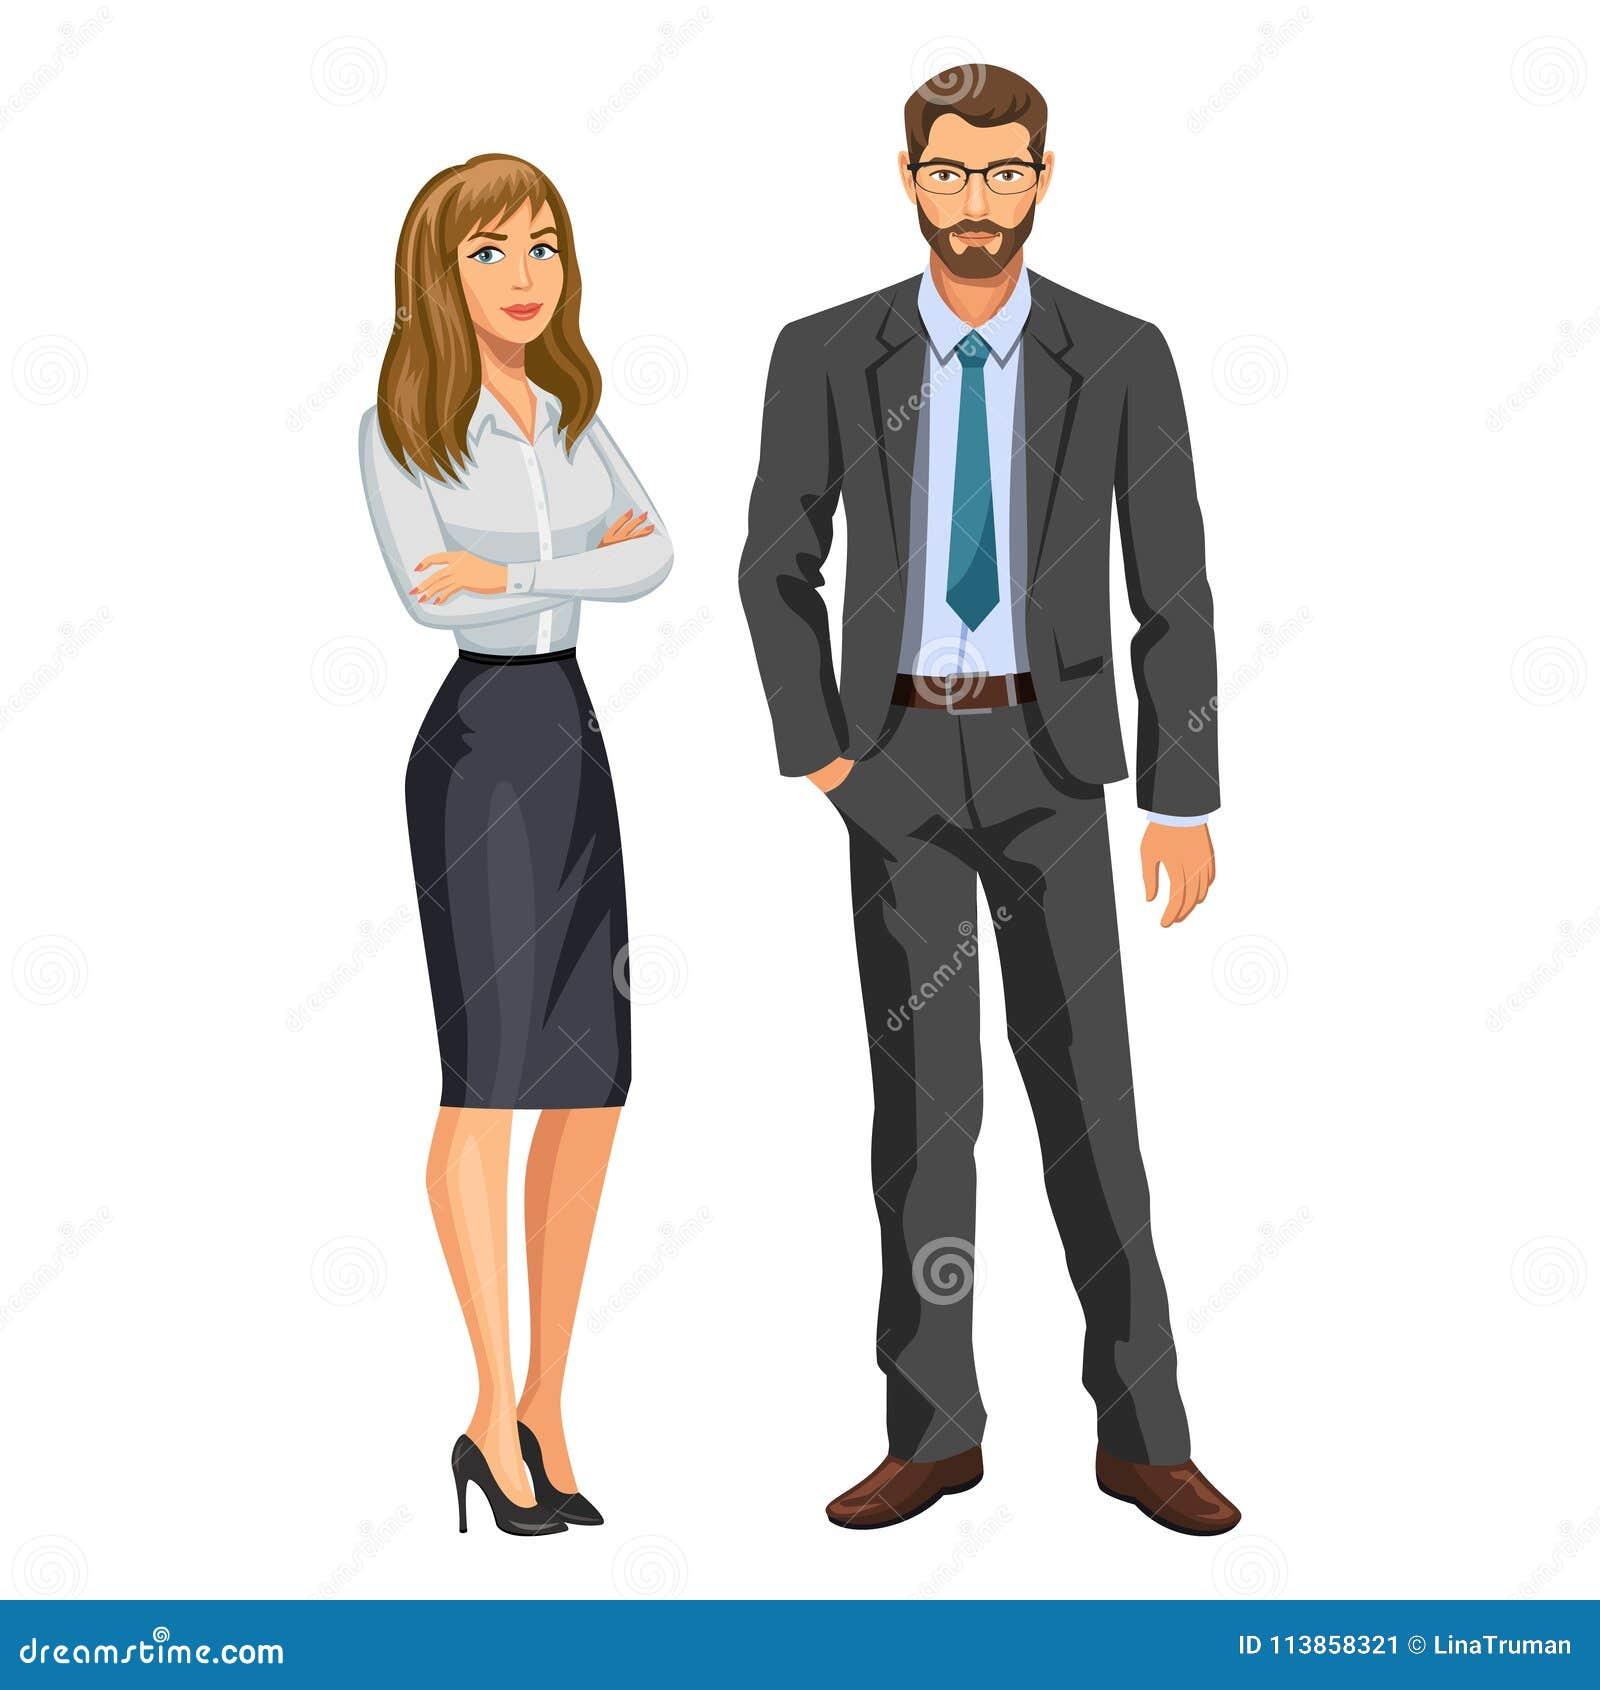 mann im anzug mit gl sern und bart und blondes m dchen. Black Bedroom Furniture Sets. Home Design Ideas